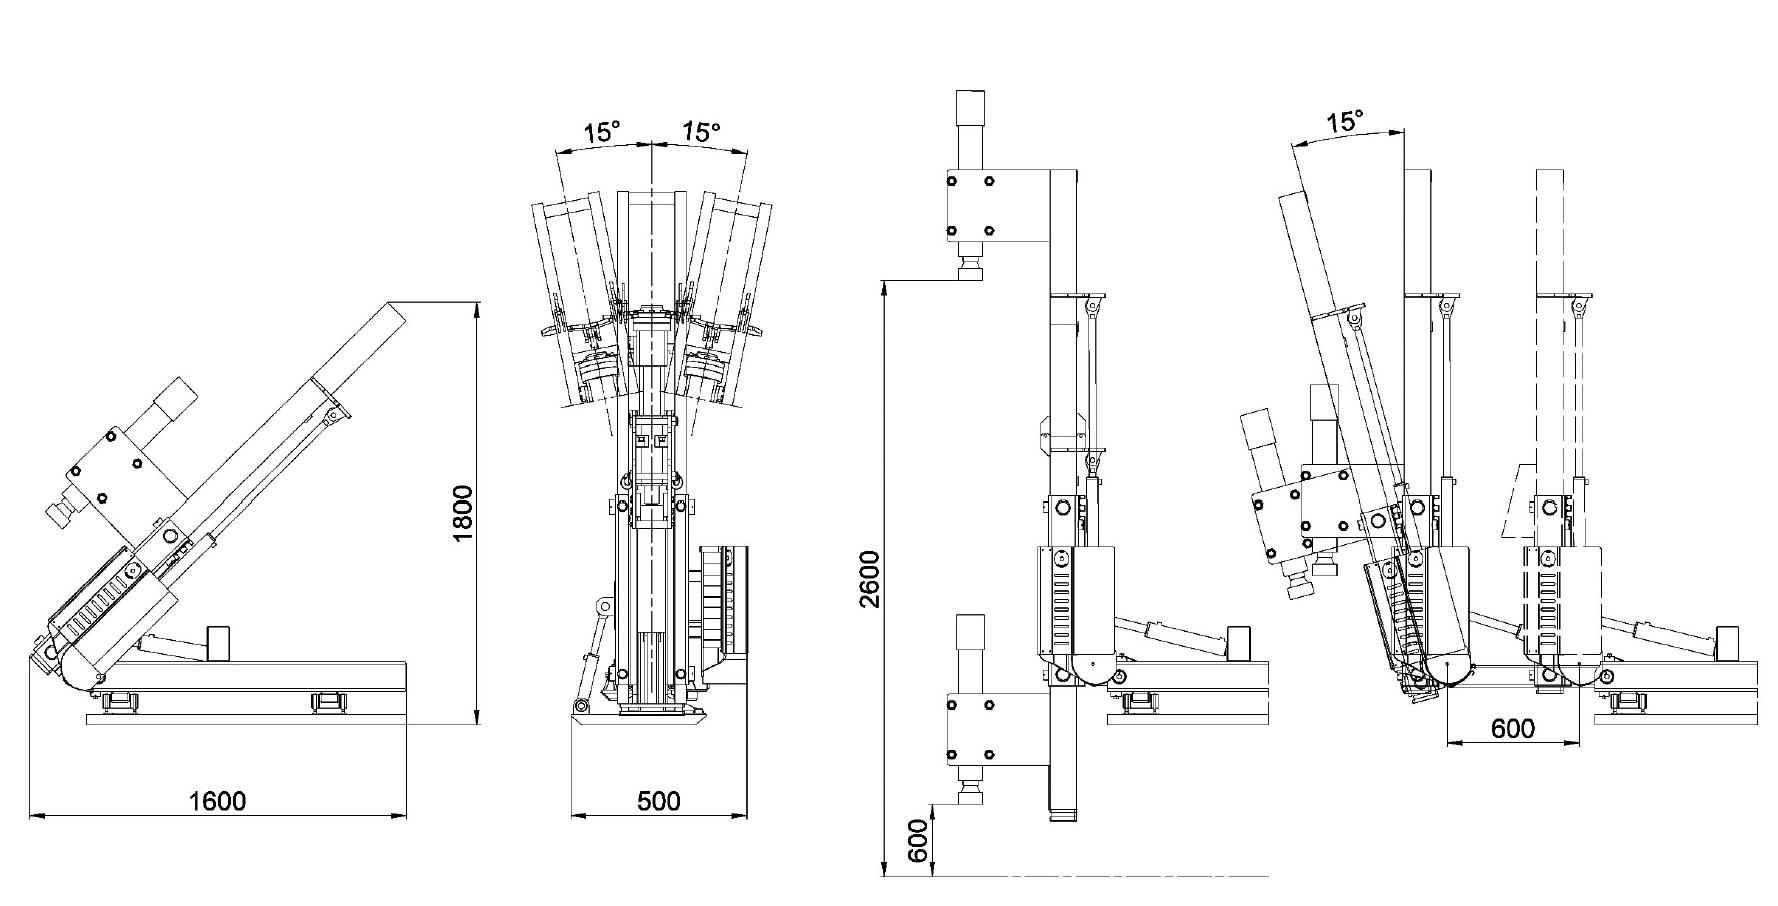 Misure e disegno tecnico battipalo modello 300B